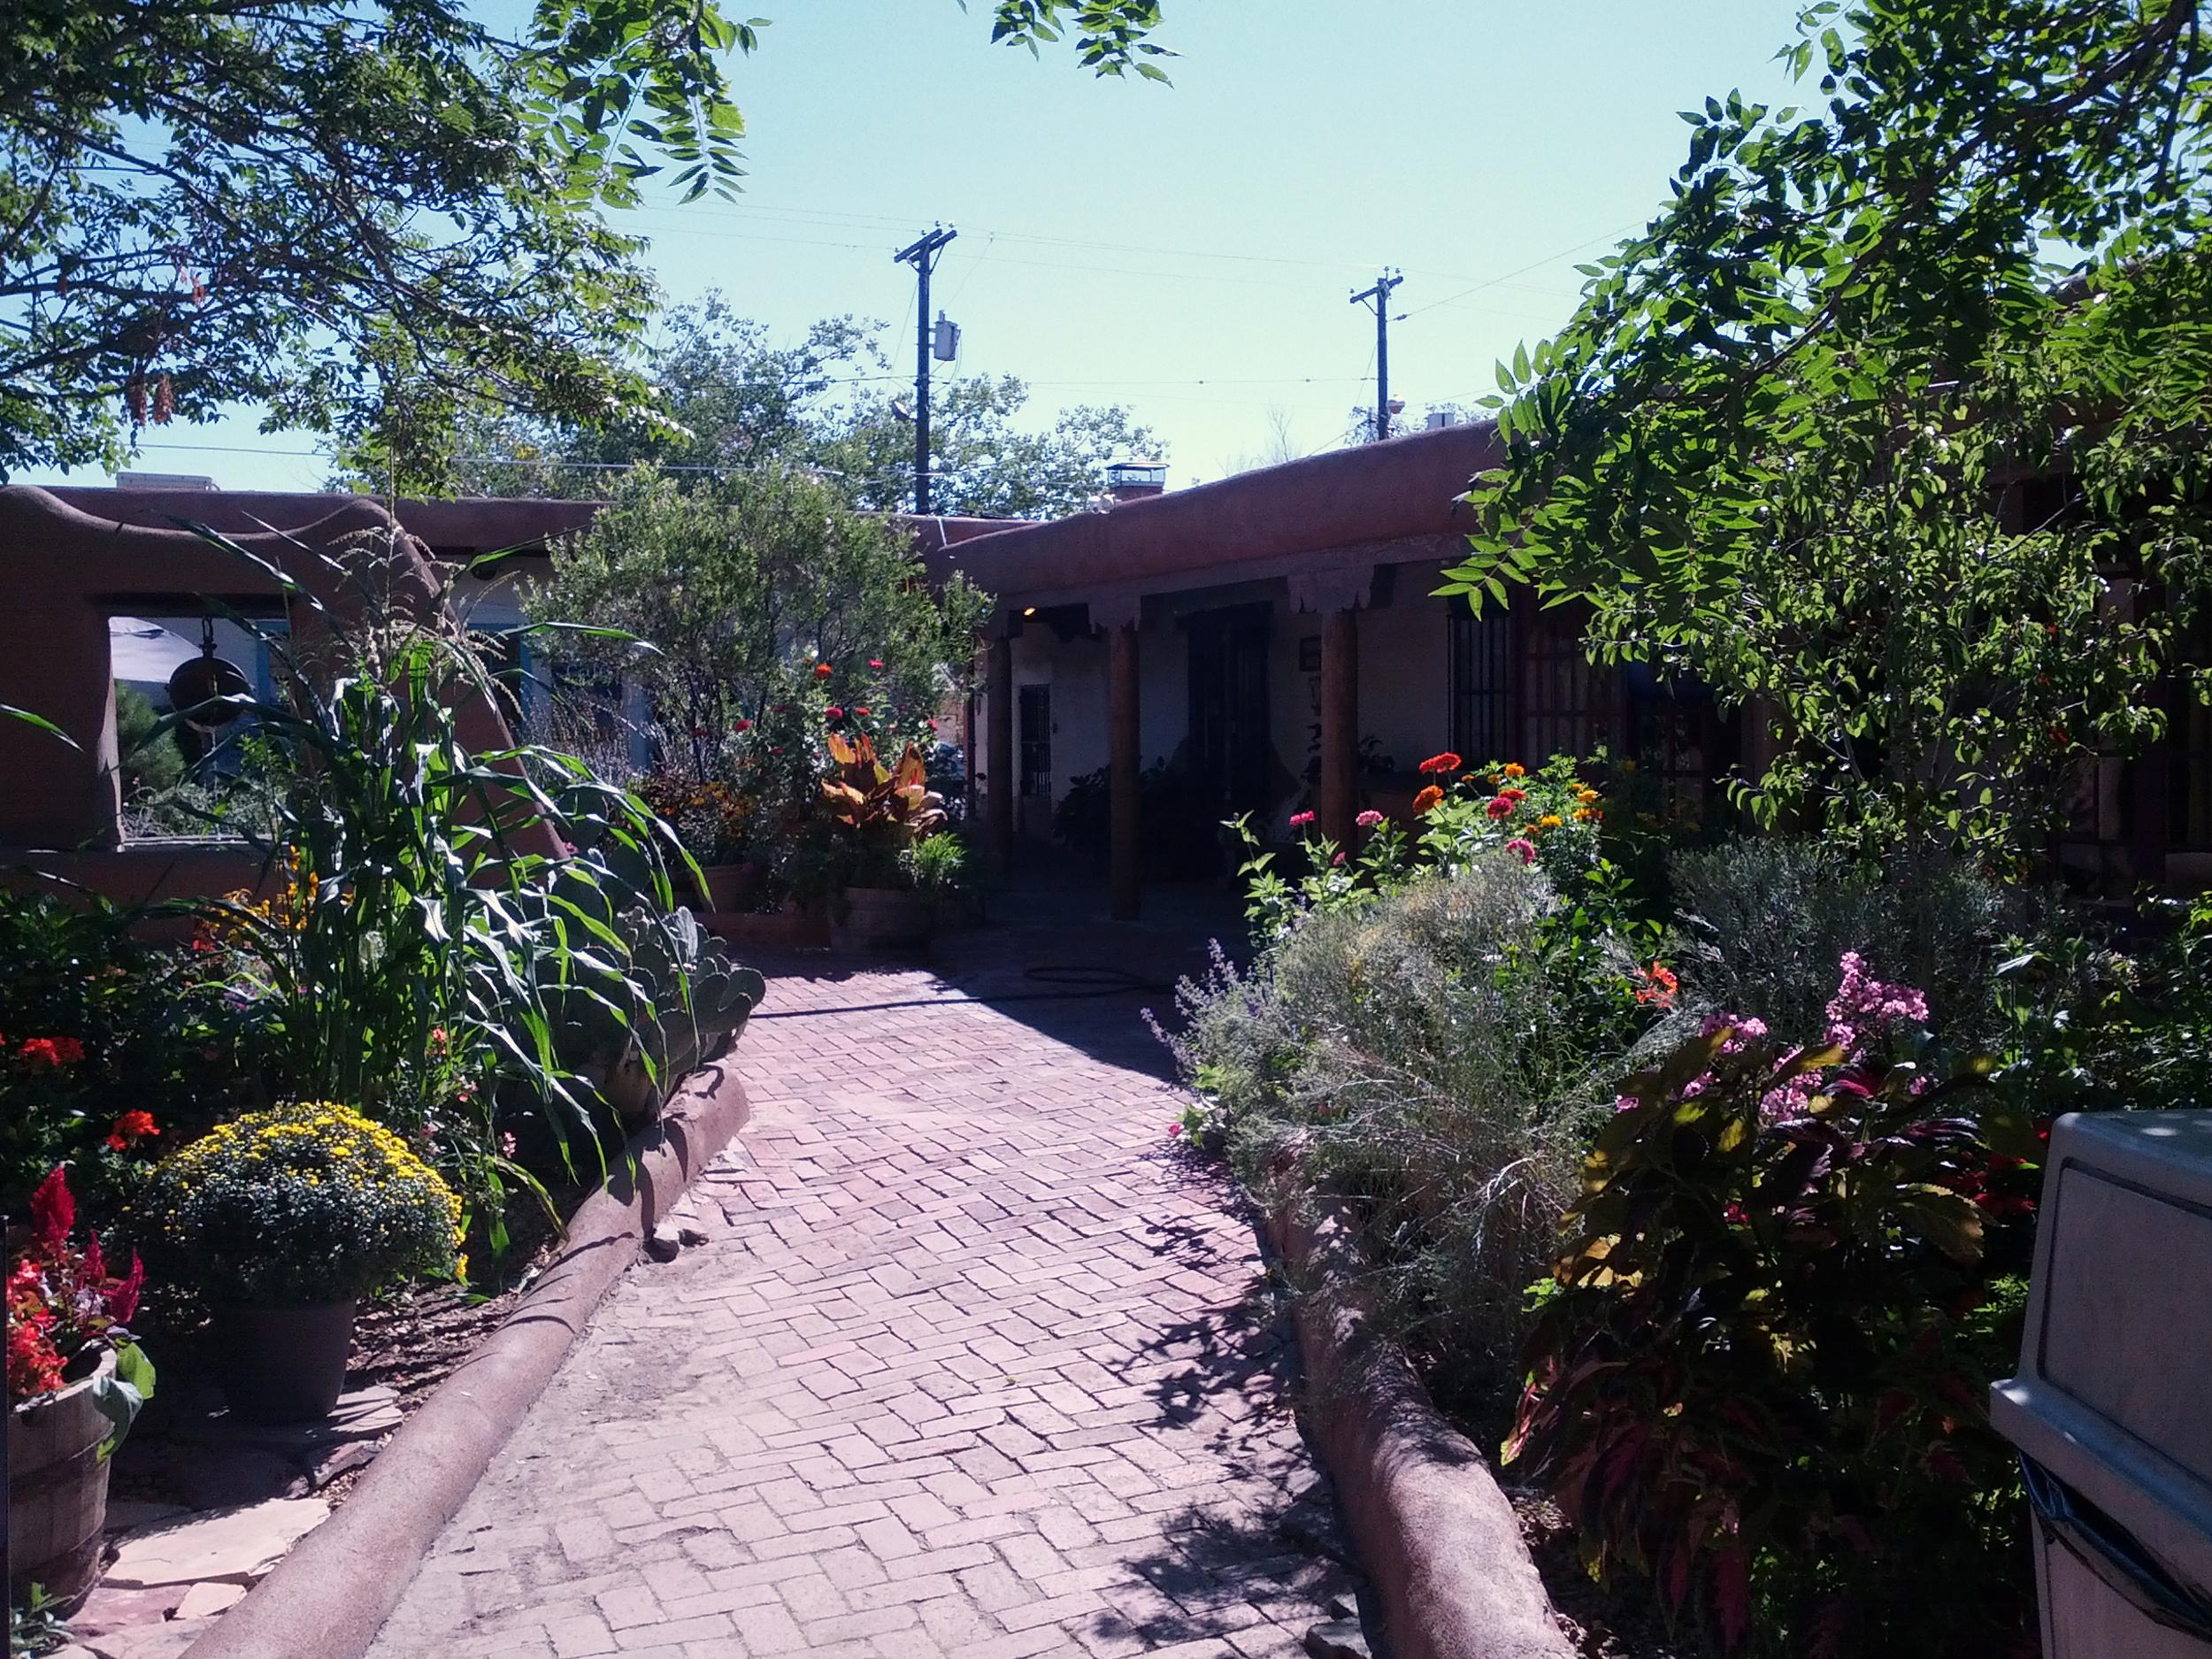 2013-09-20 Old Town Albuquerque (2).jpg